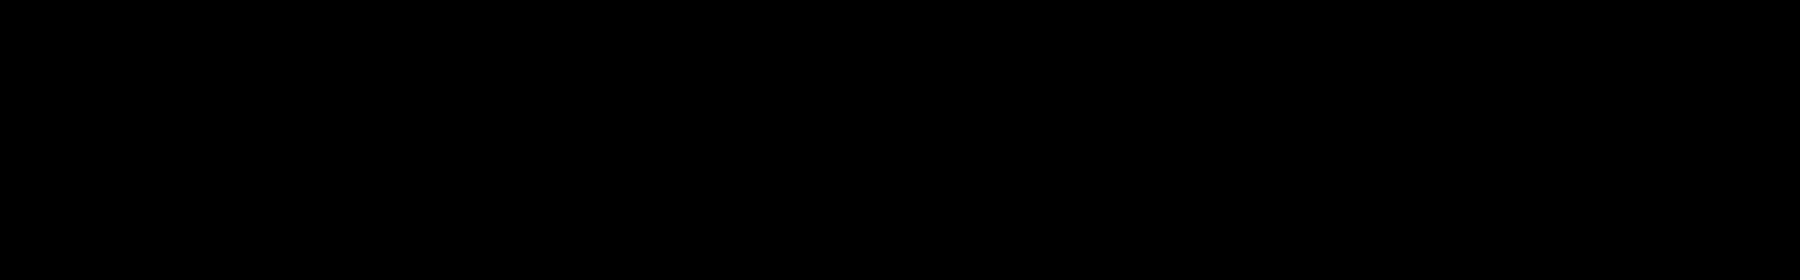 FSTVL EDM audio waveform